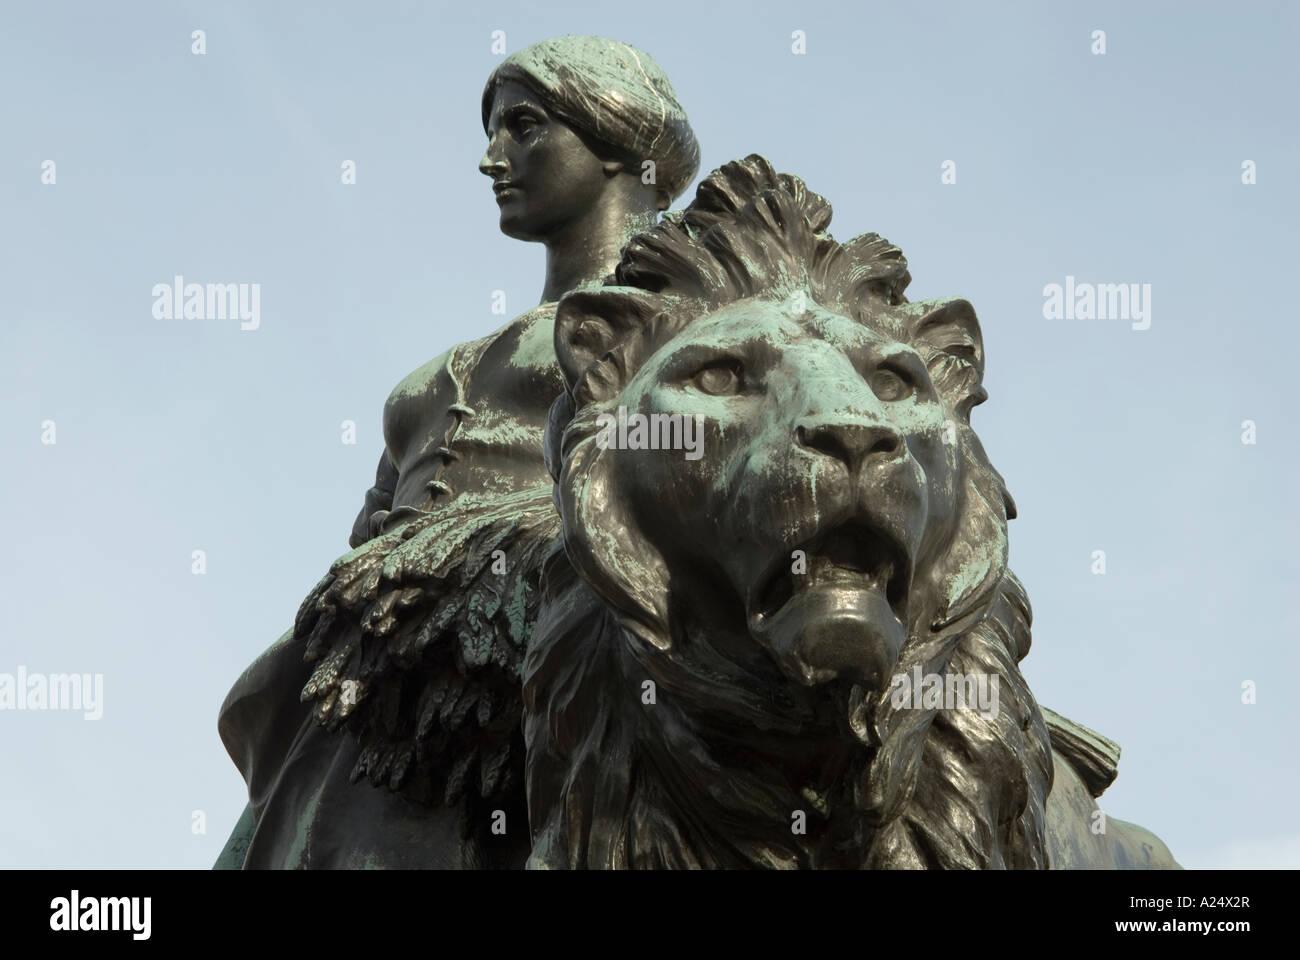 Grüner Rost detail der schwarze statue geschnitzt kopf löwenmähne und frau mit